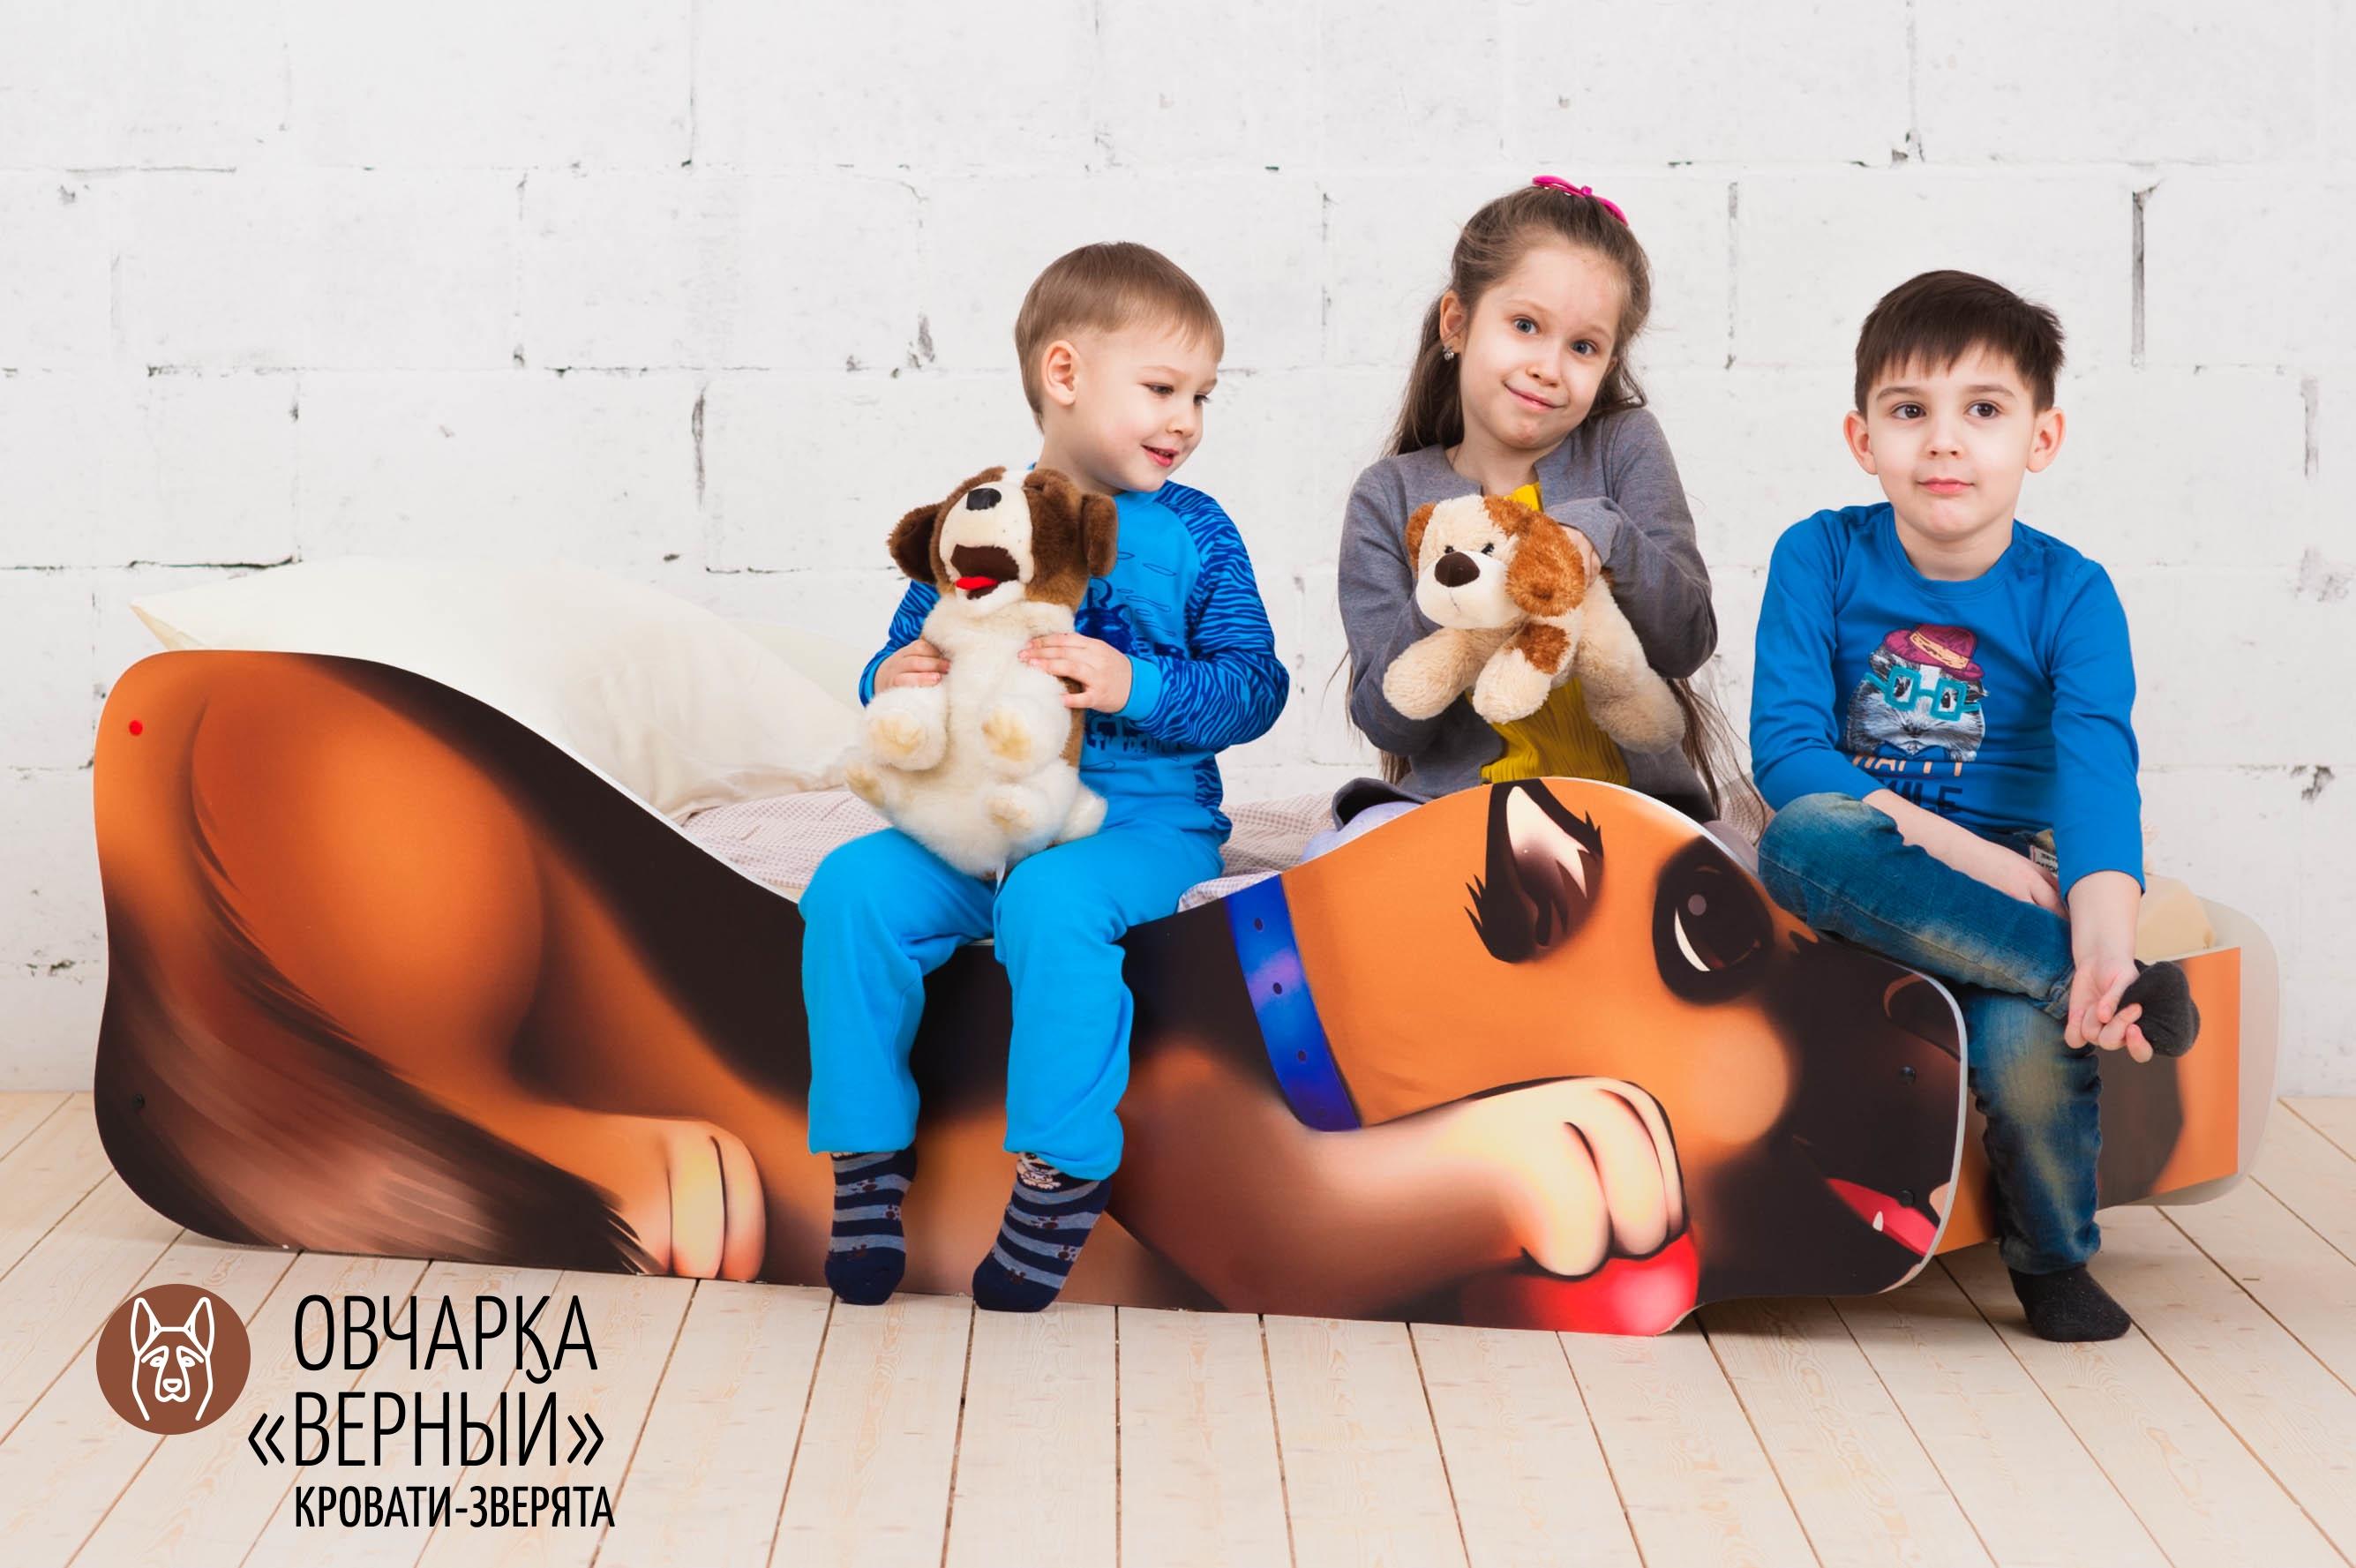 Детская кровать-зверенок -Овчарка-Верный-12